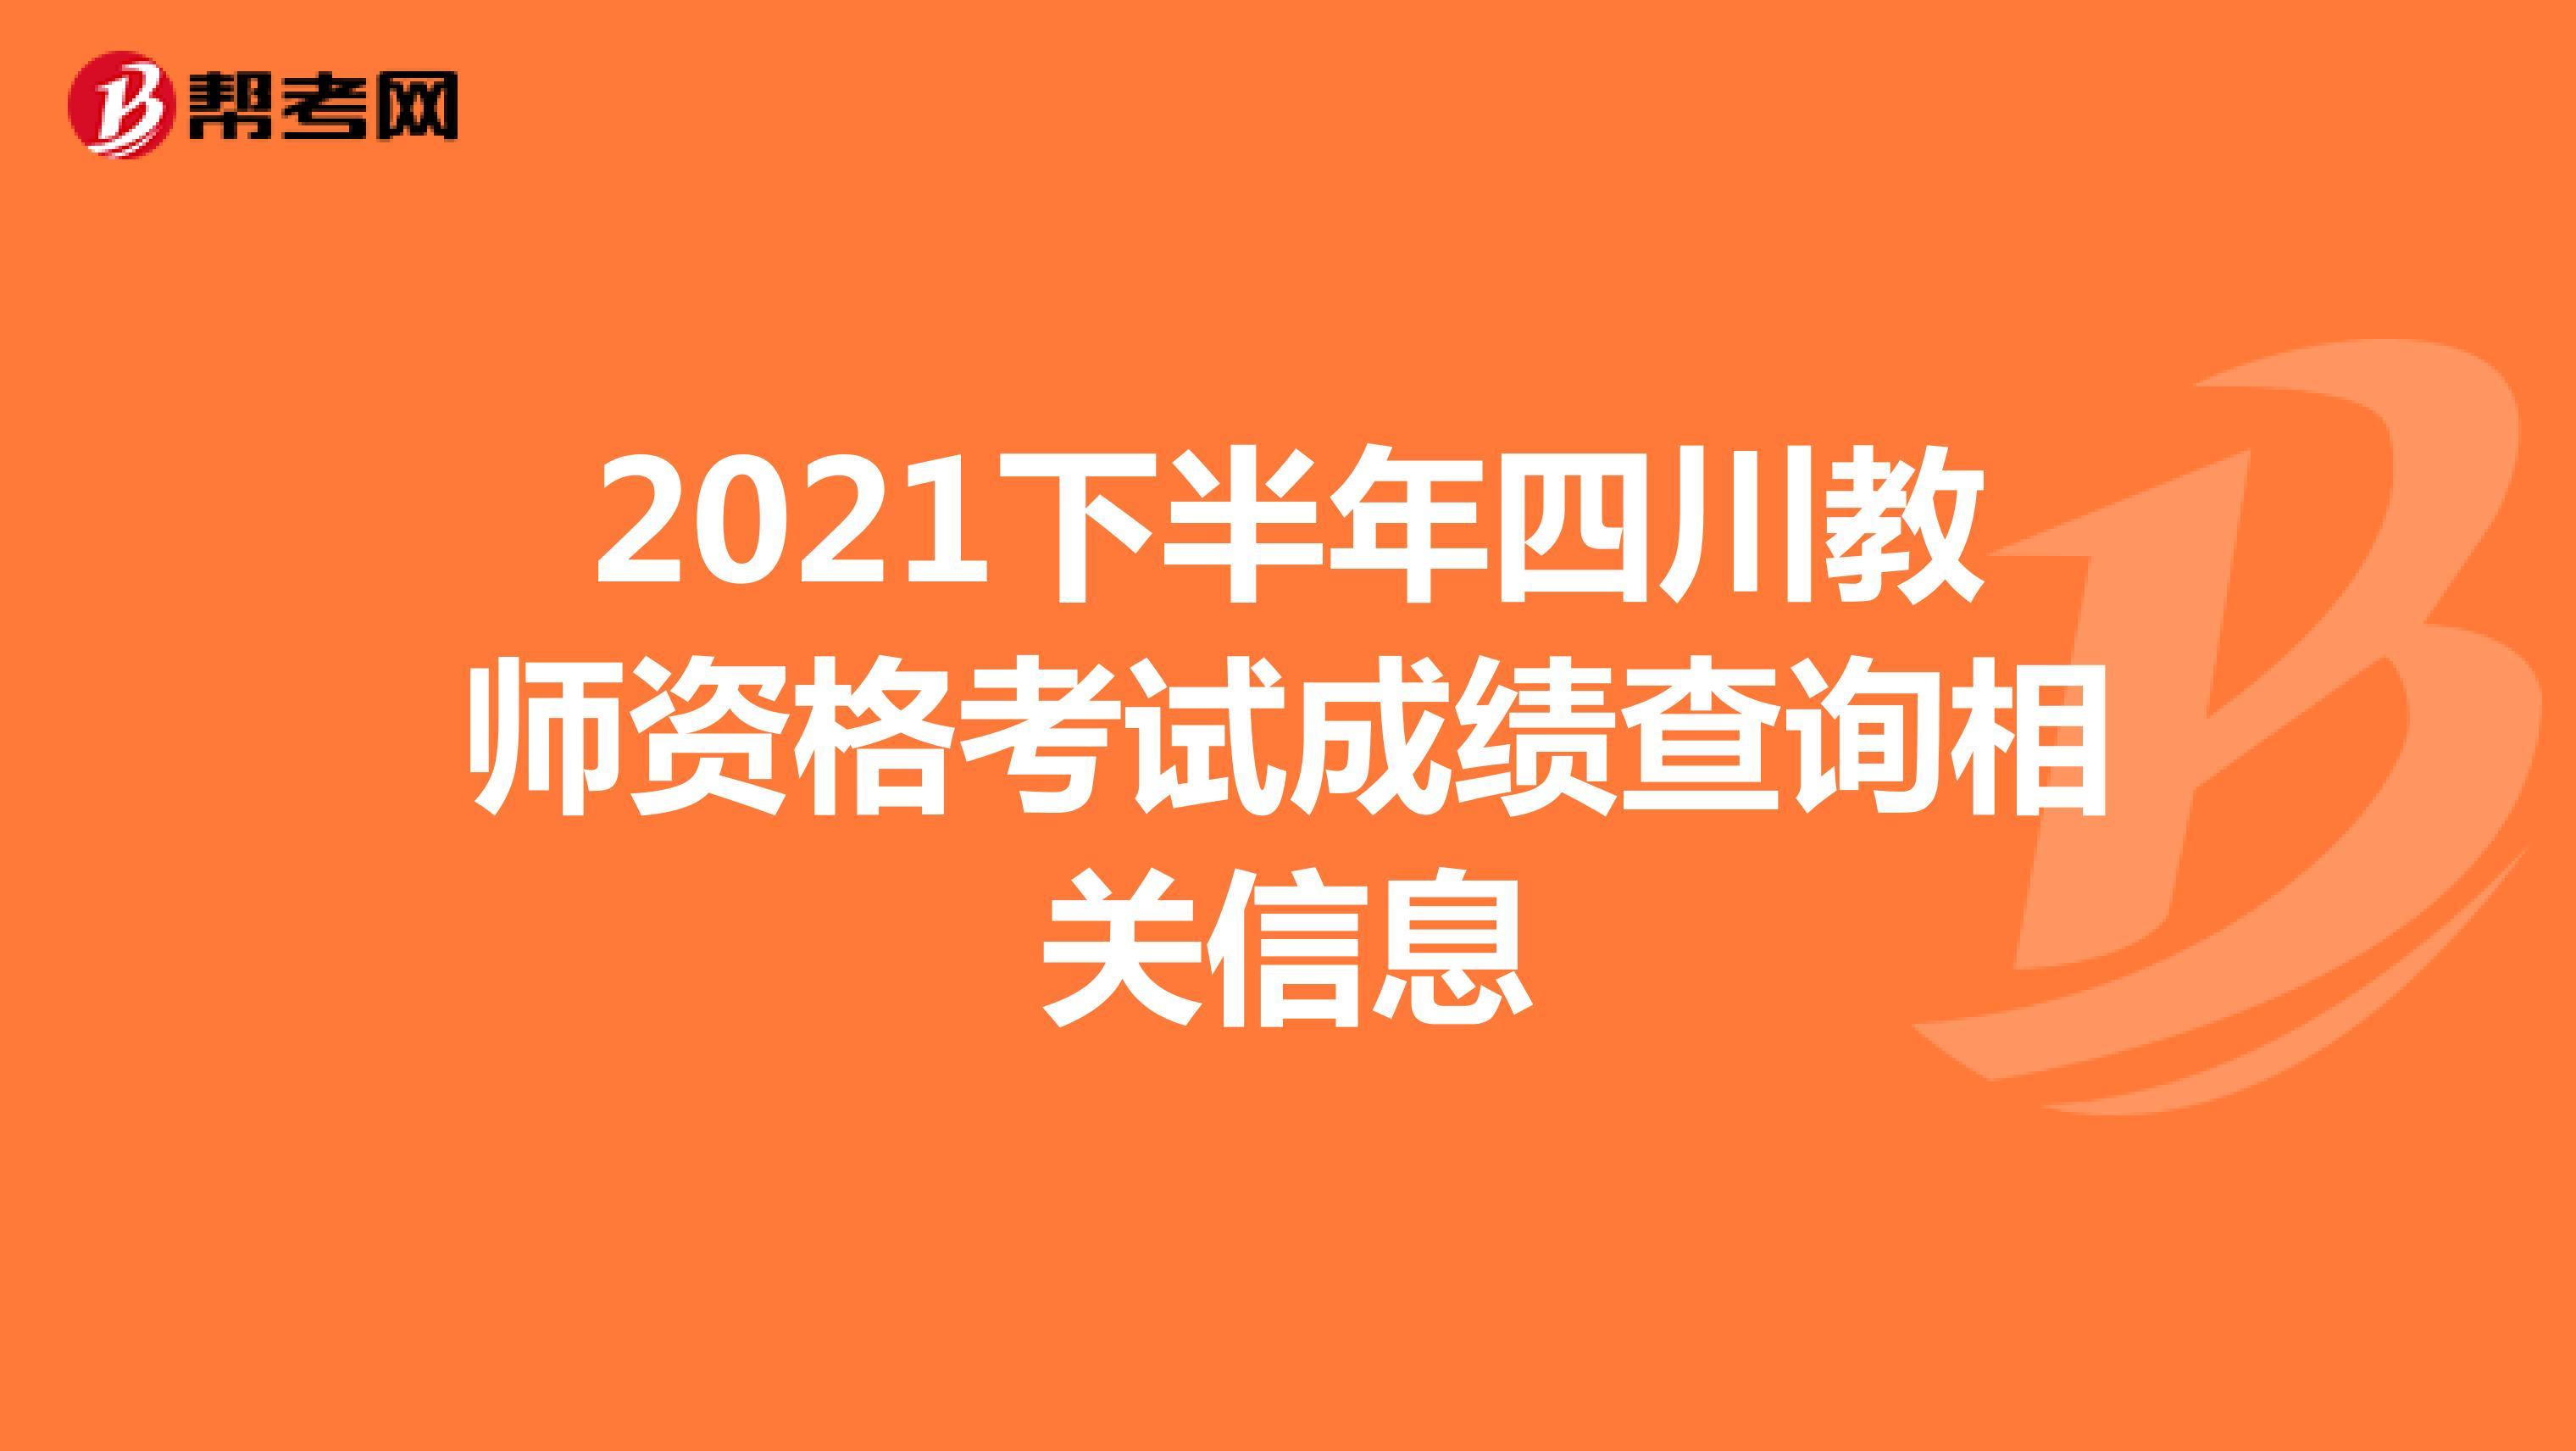 2021下半年四川教师资格考试成绩查询相关信息